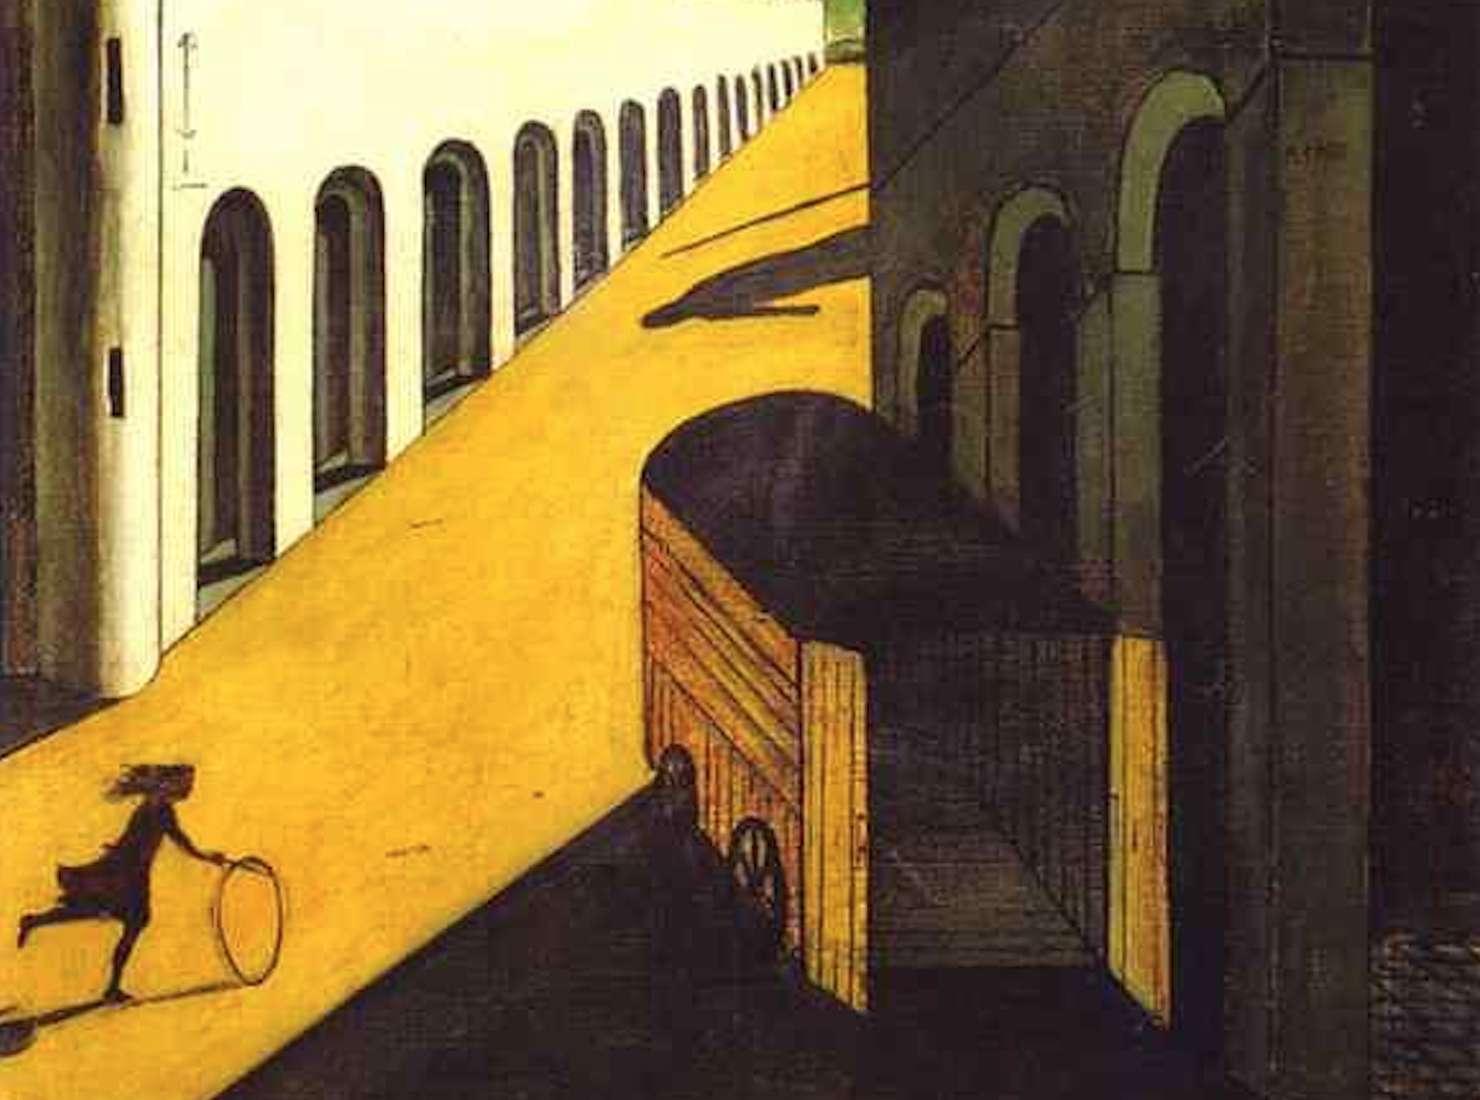 الكآبة وسر الشارع   جورجيو دي شيريكو